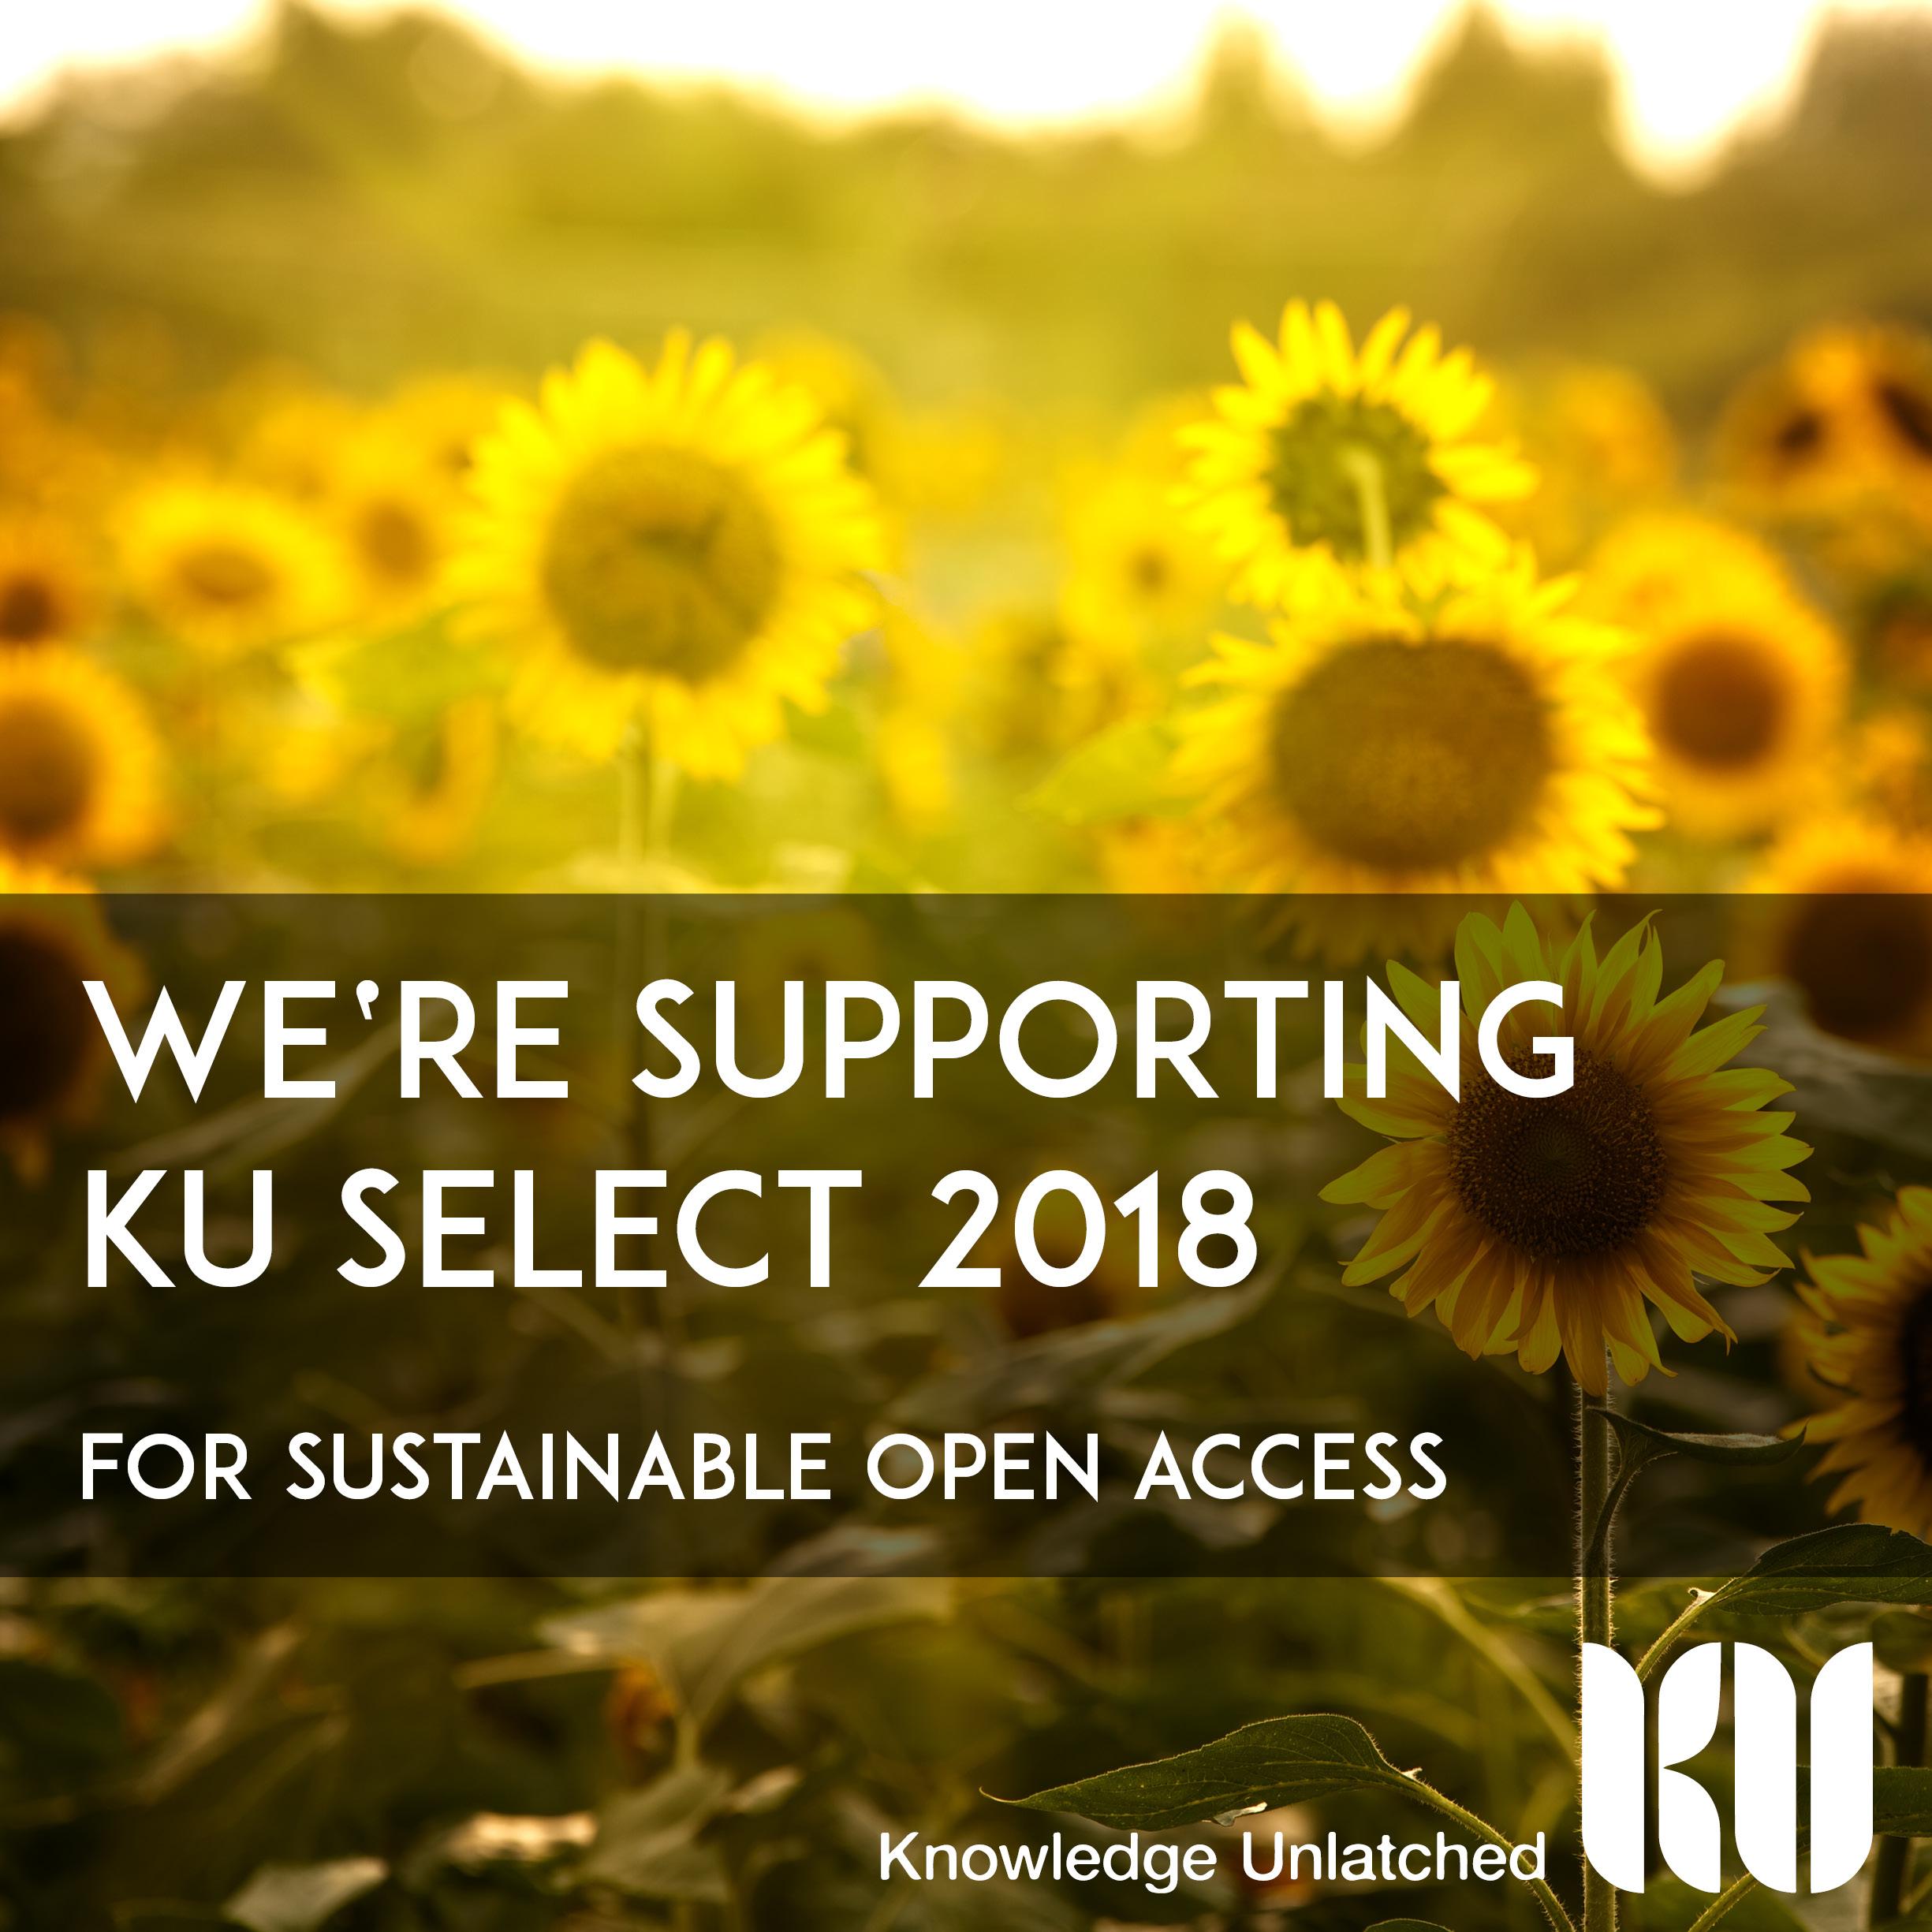 KU Support 2018 square